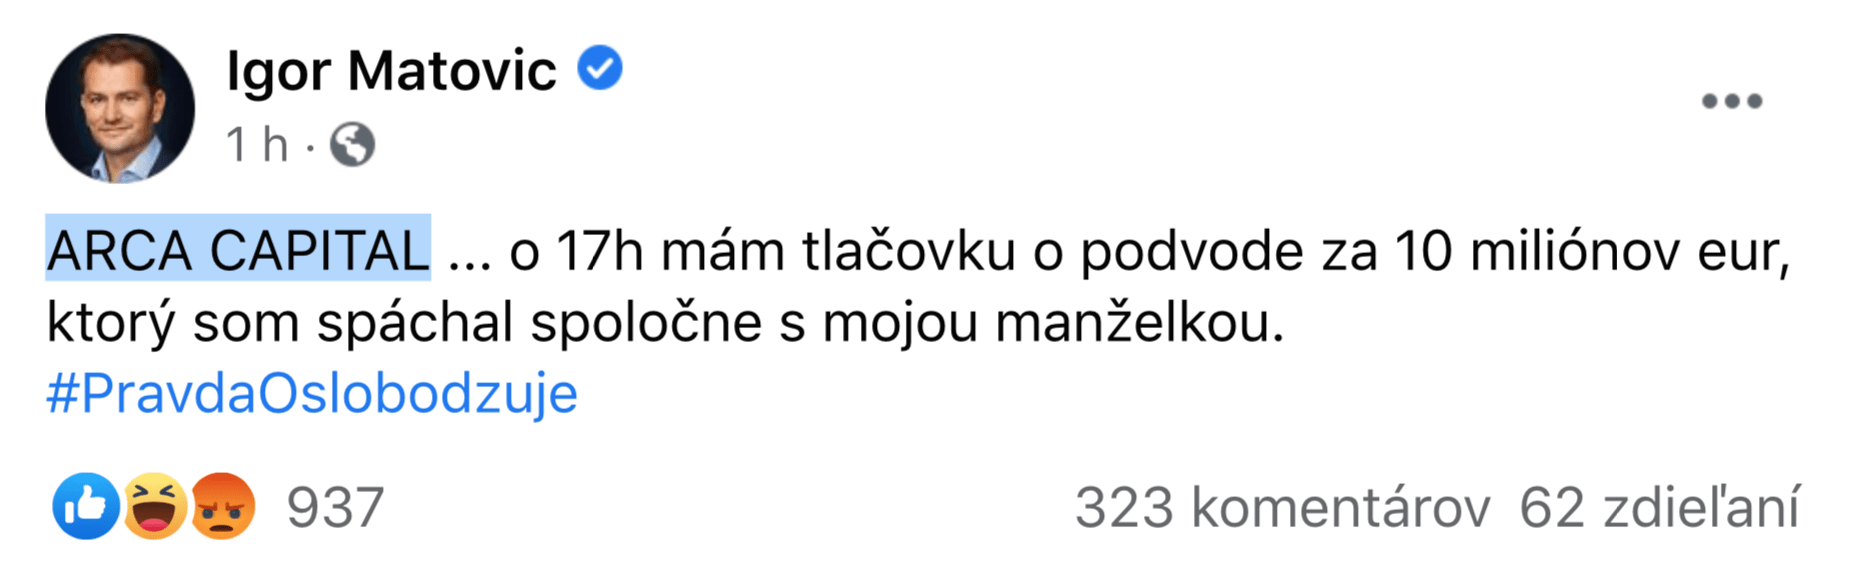 Screenshot Facebook Igora Matoviča